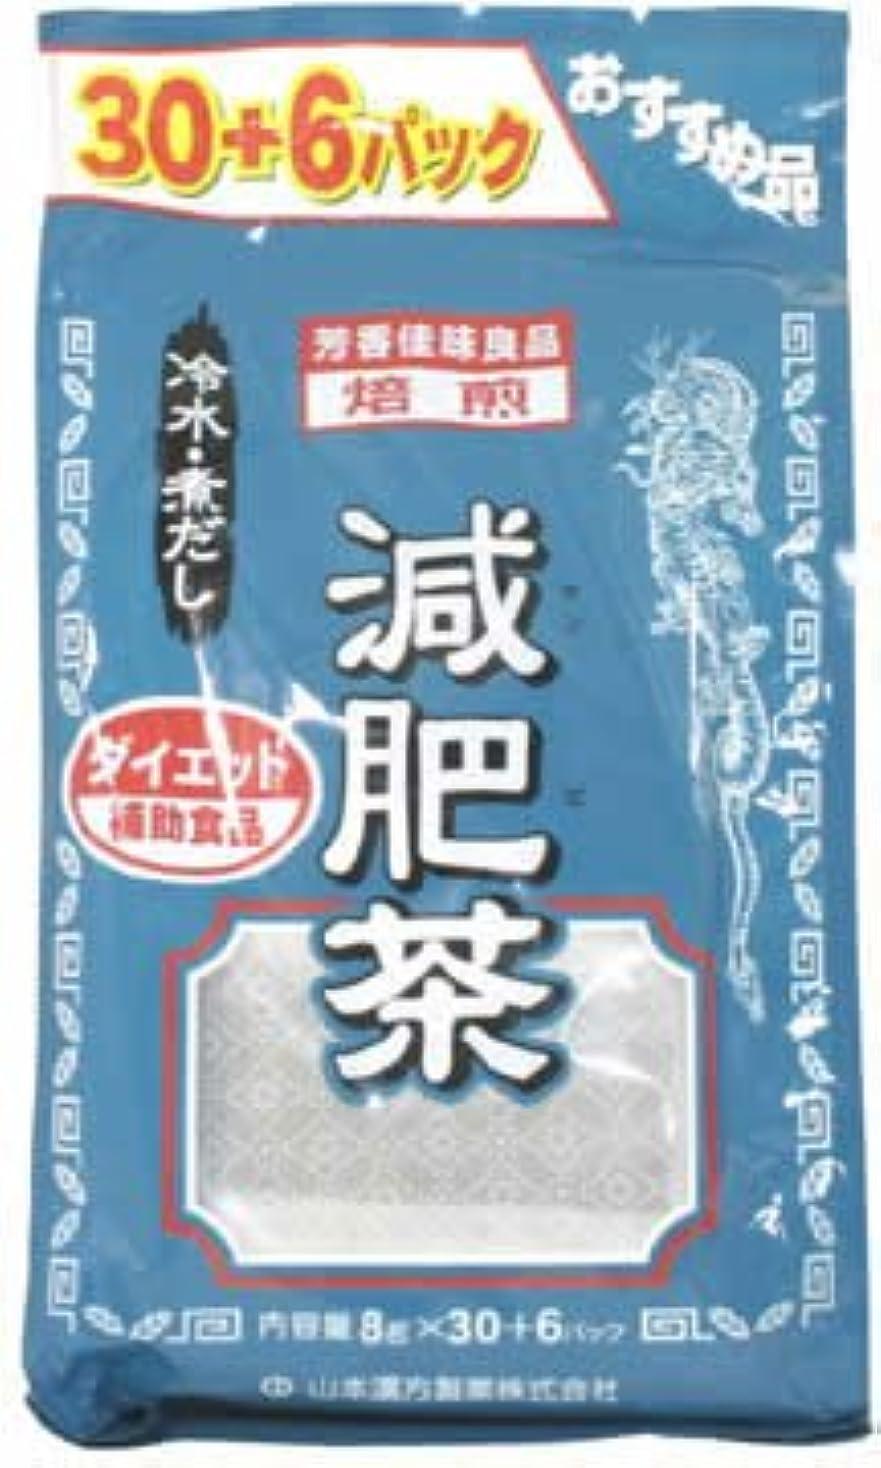 パン屋軽く思いつく山本漢方製薬 お徳用減肥茶36包 8gX36H